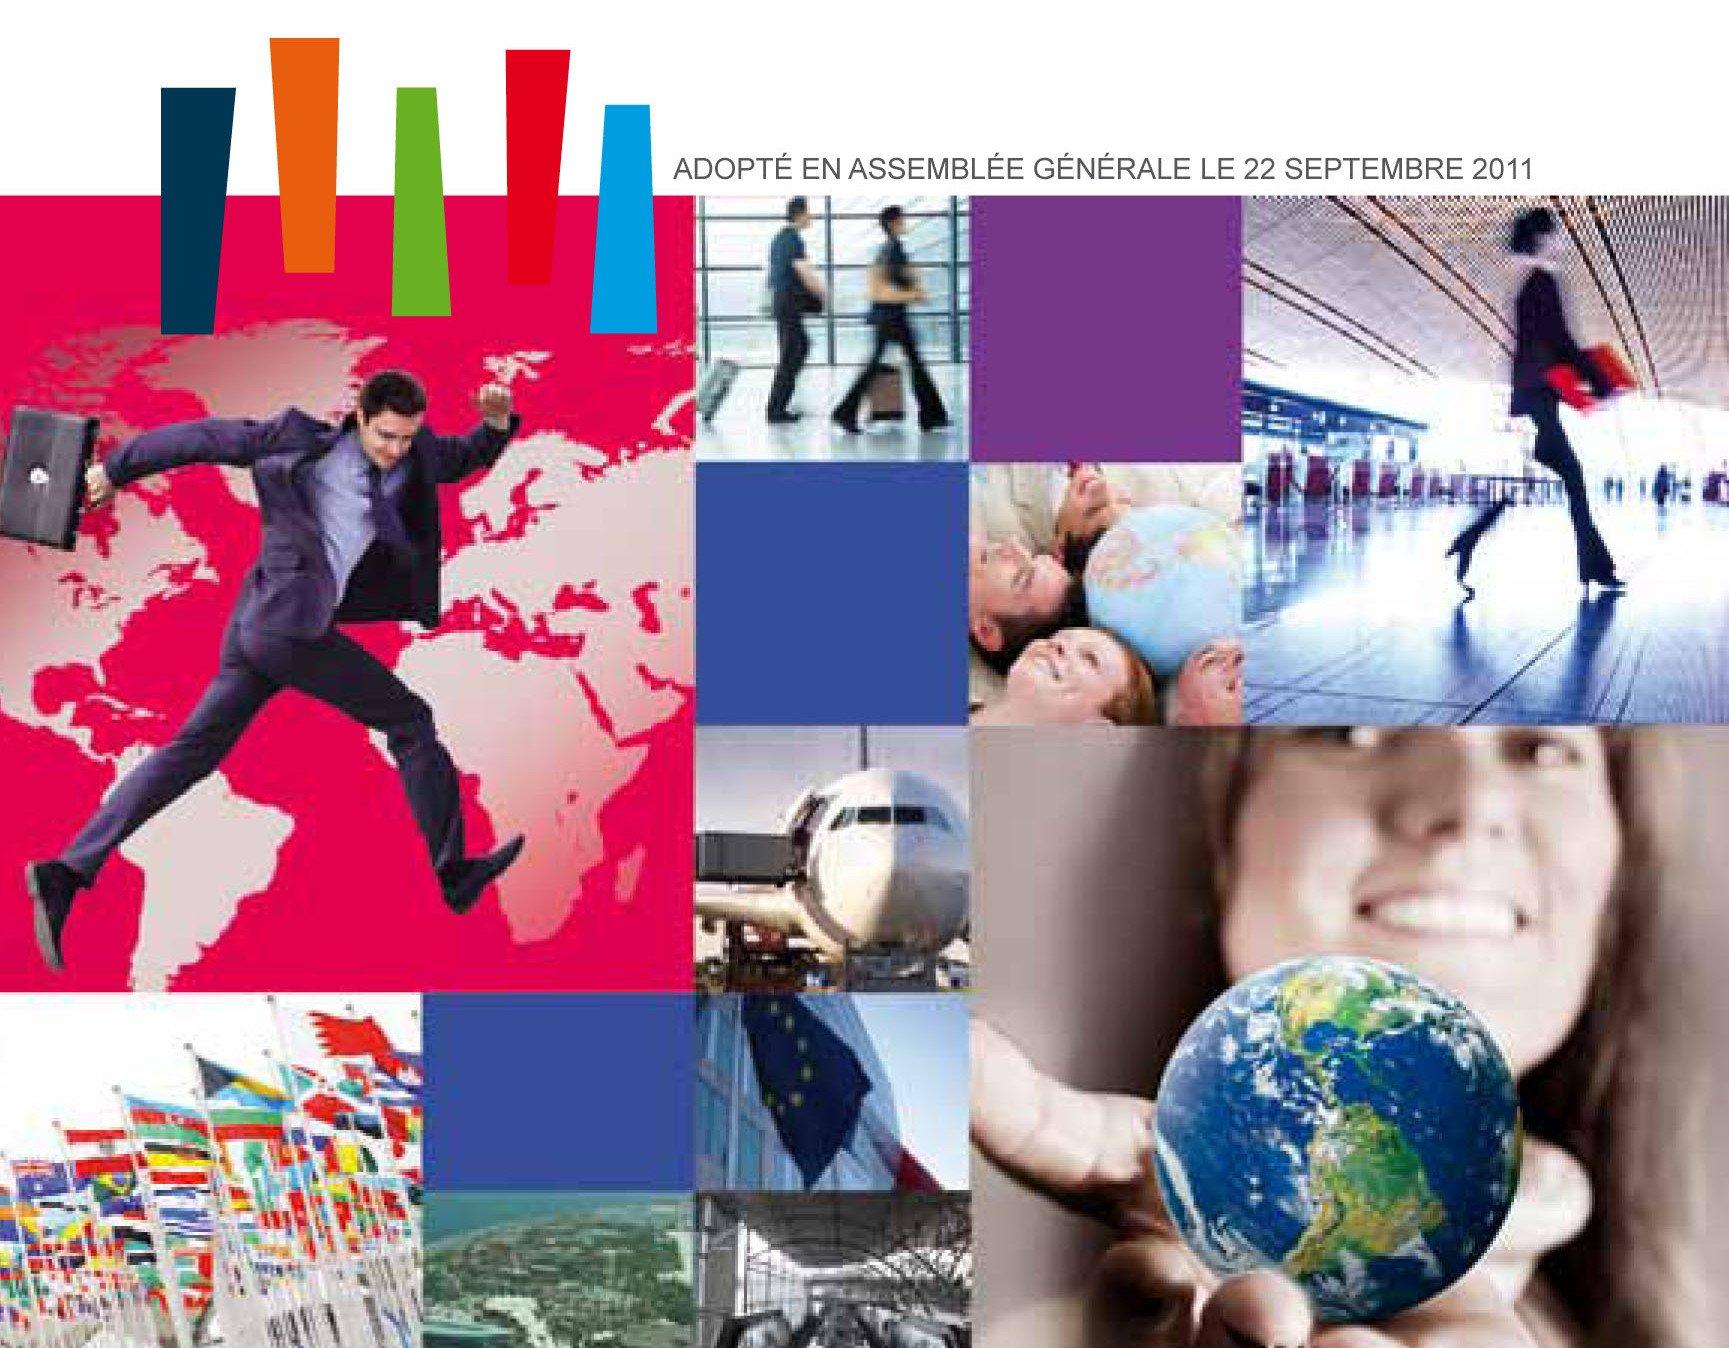 schema-sectoriel-internationalisation-des-entreprises-et-des-territoires-1-e1398872287417